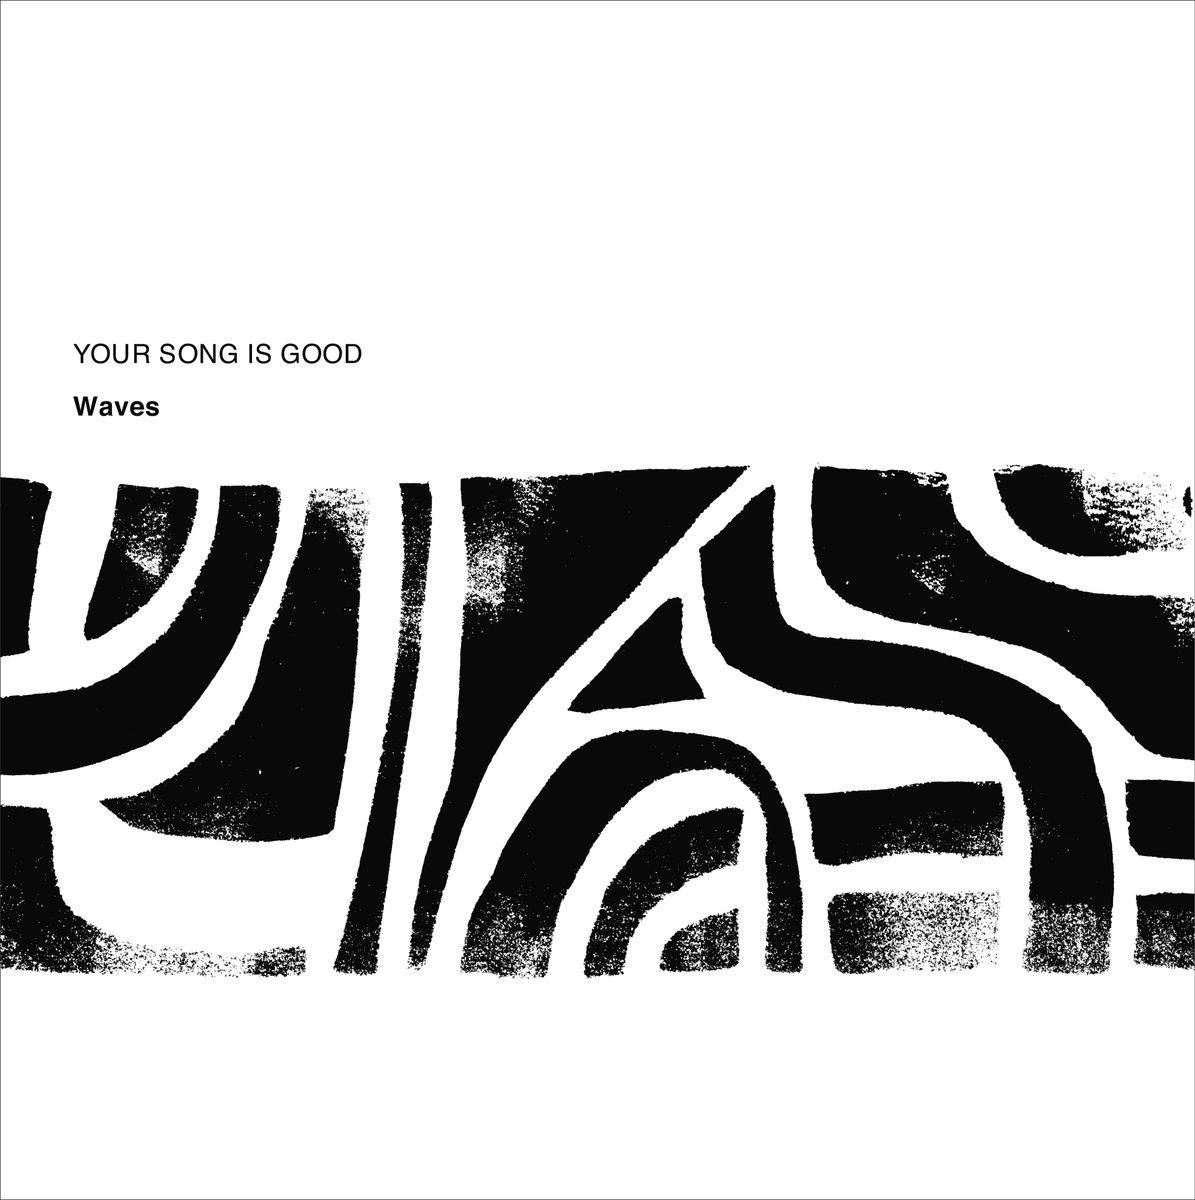 """ニューリリース決定!  """"Waves""""(12inch Analog限定盤) SIDE A: Waves(Original)  SIDE B: Waves (Gonno Remix)  →https://t.co/Pl6OxLrOyZ https://t.co/BfVMMMDHxy"""